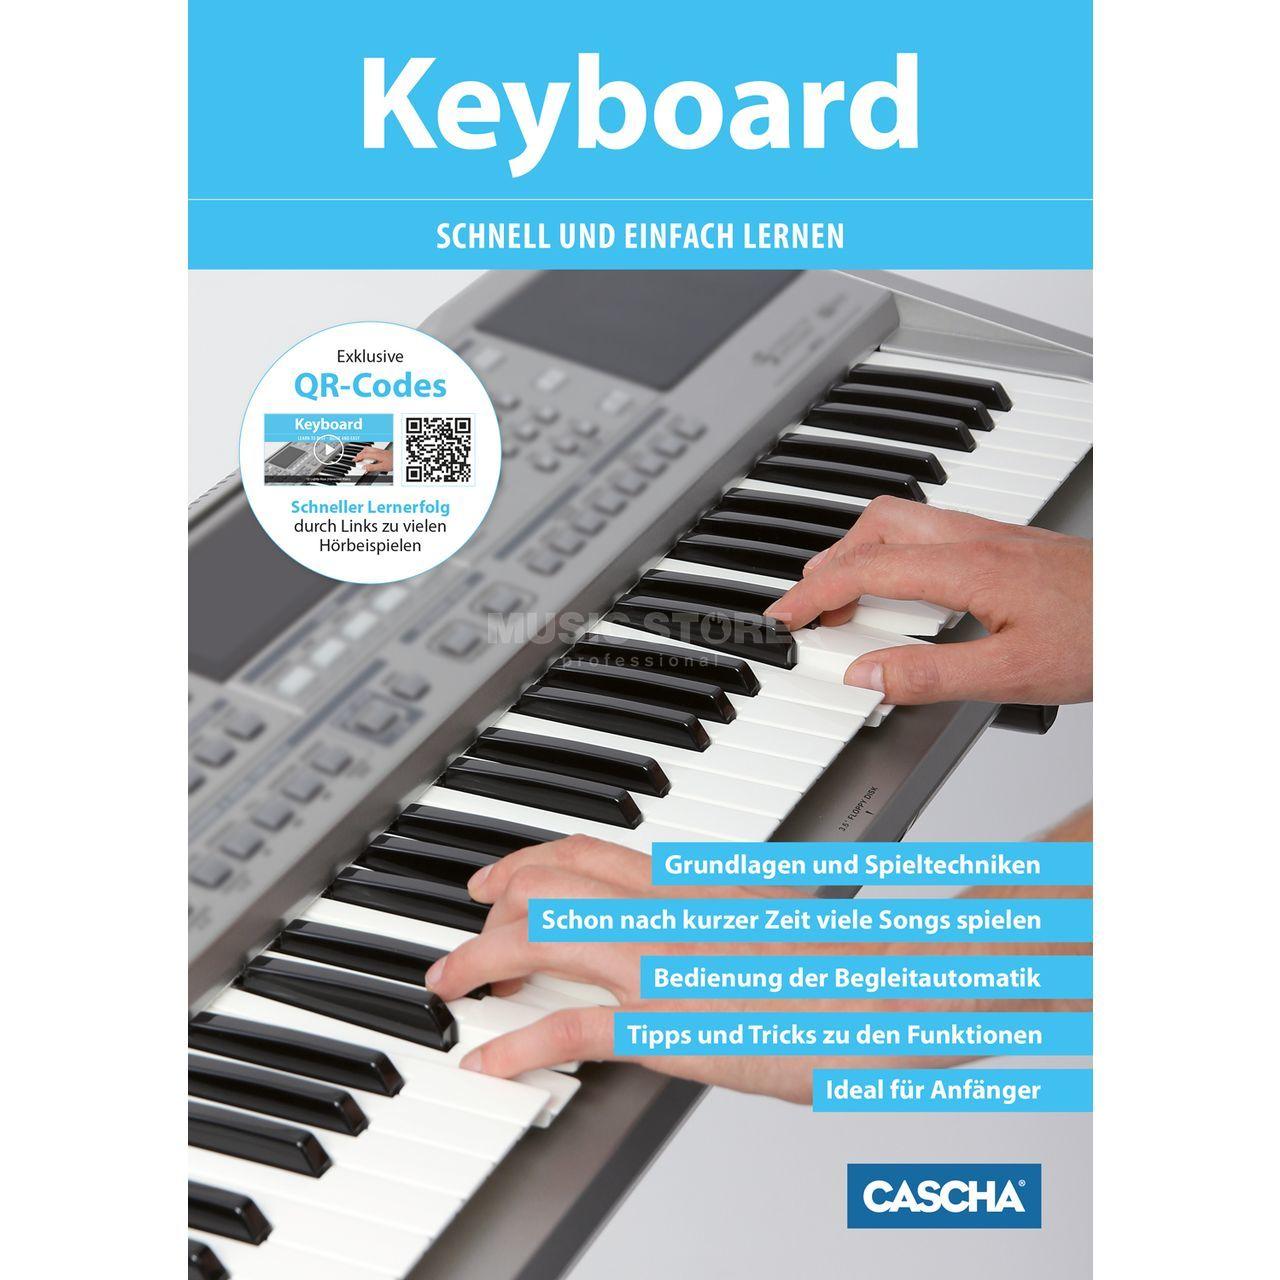 cascha verlag keyboard schnell und einfach lernen. Black Bedroom Furniture Sets. Home Design Ideas